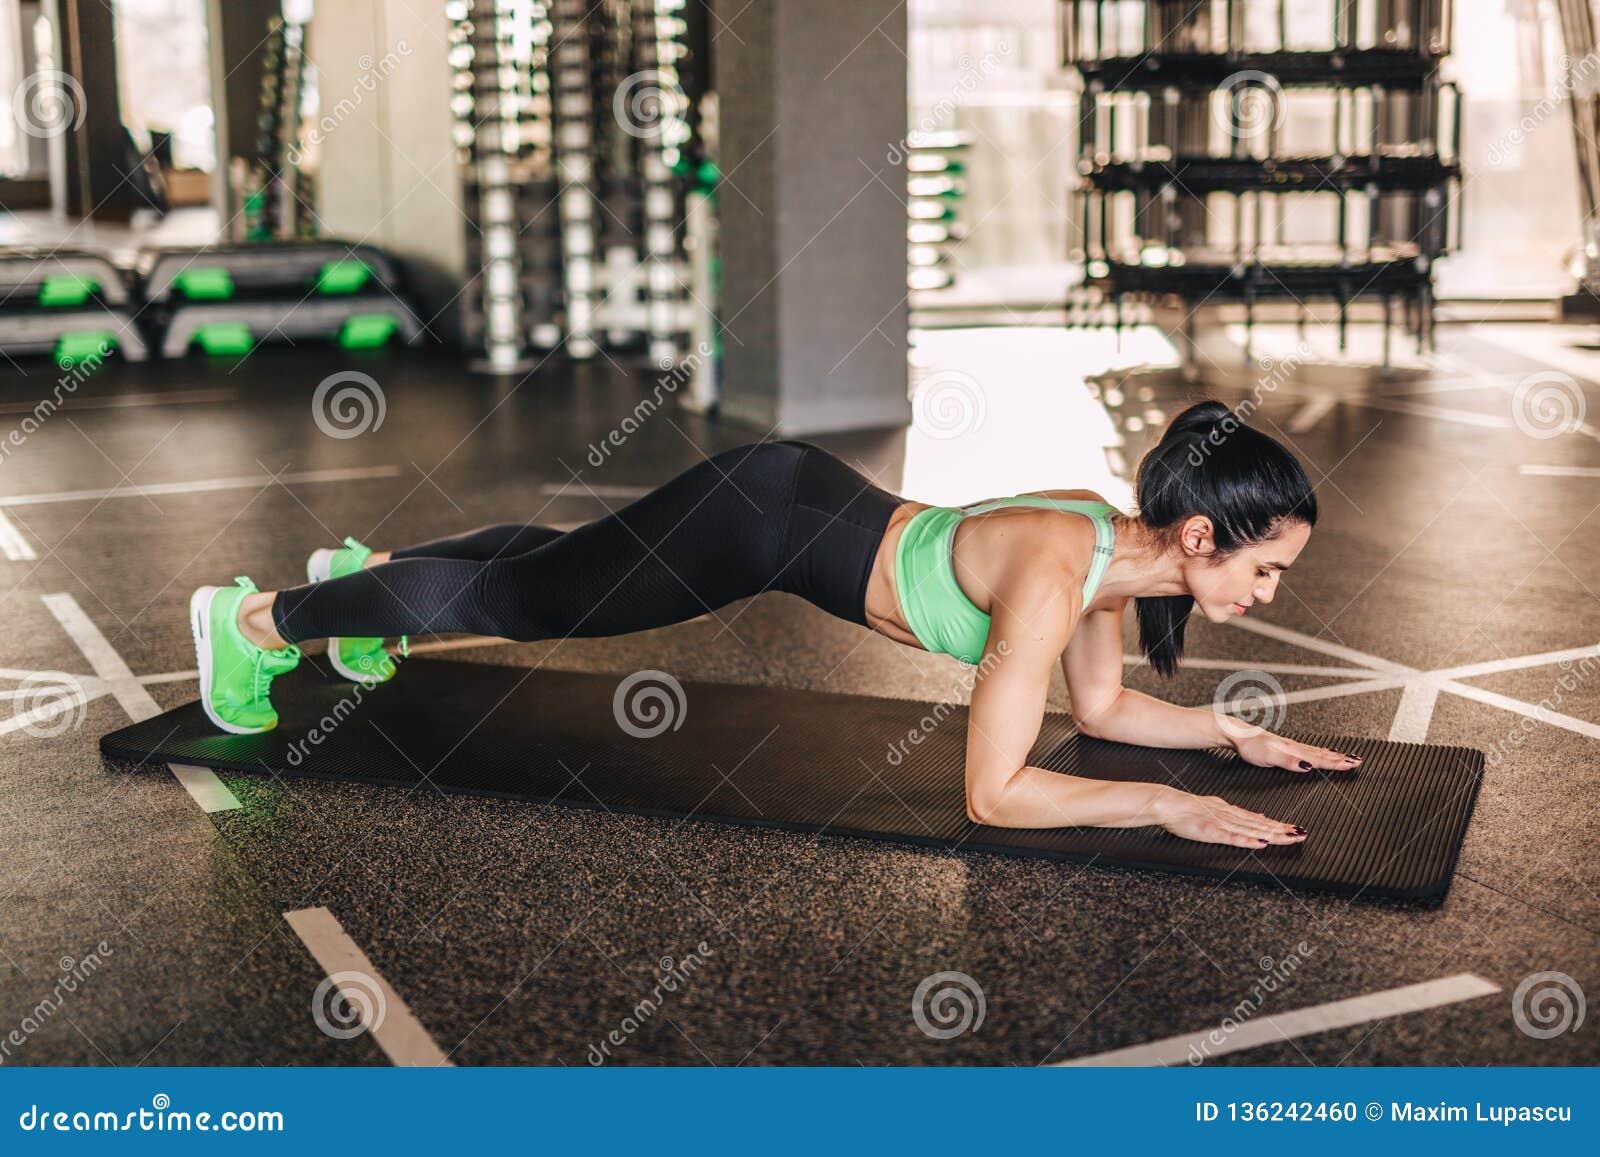 Slim adult sportswoman in plank on mat